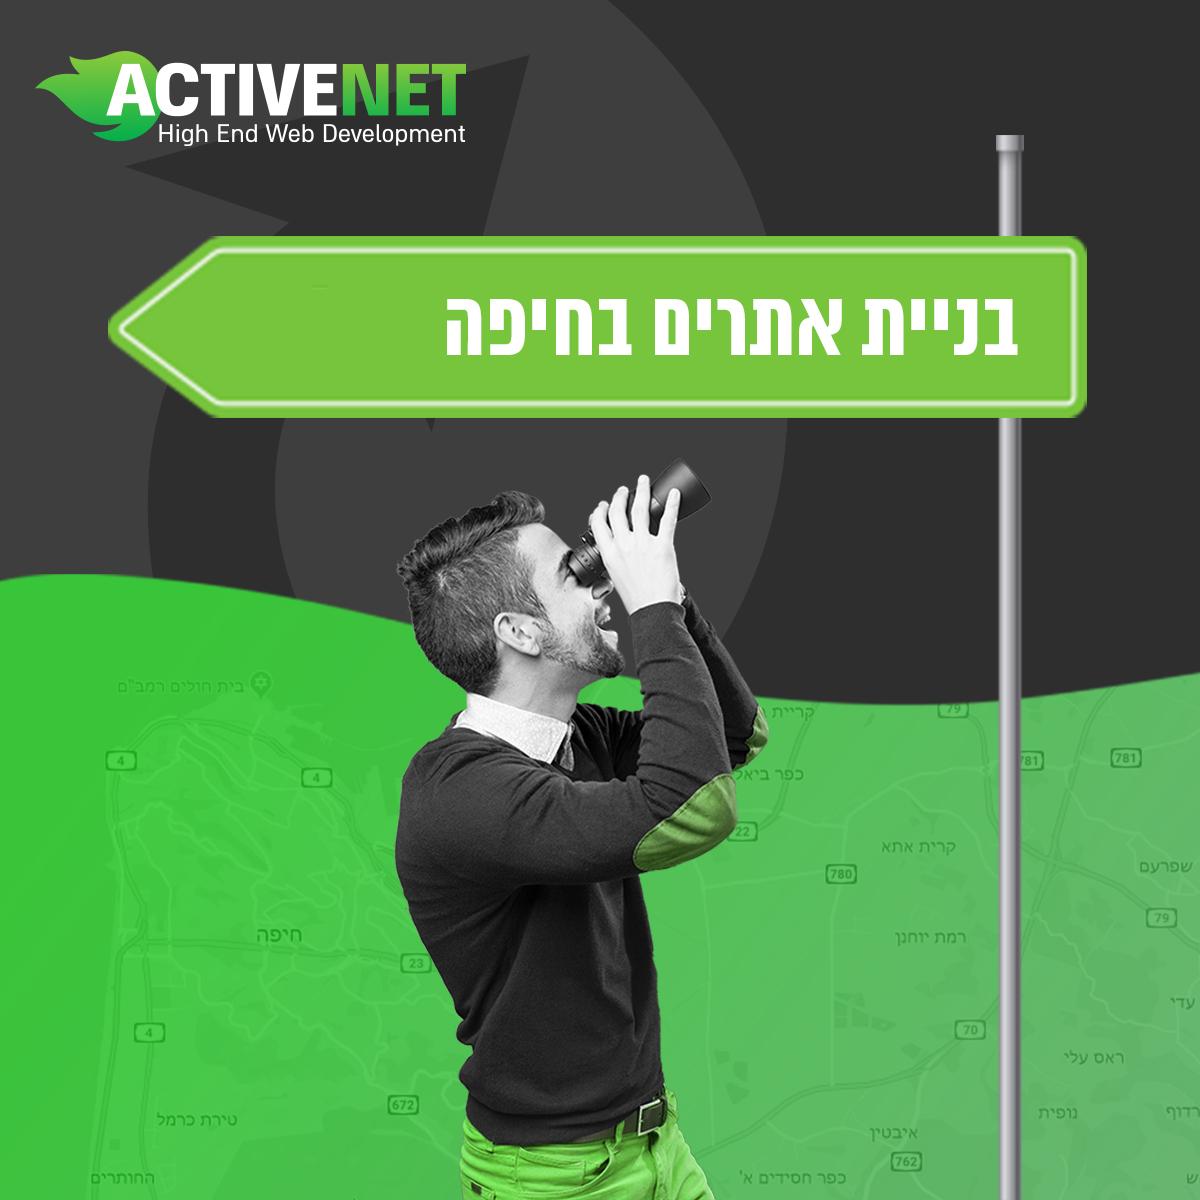 בניית אתרים בחיפה